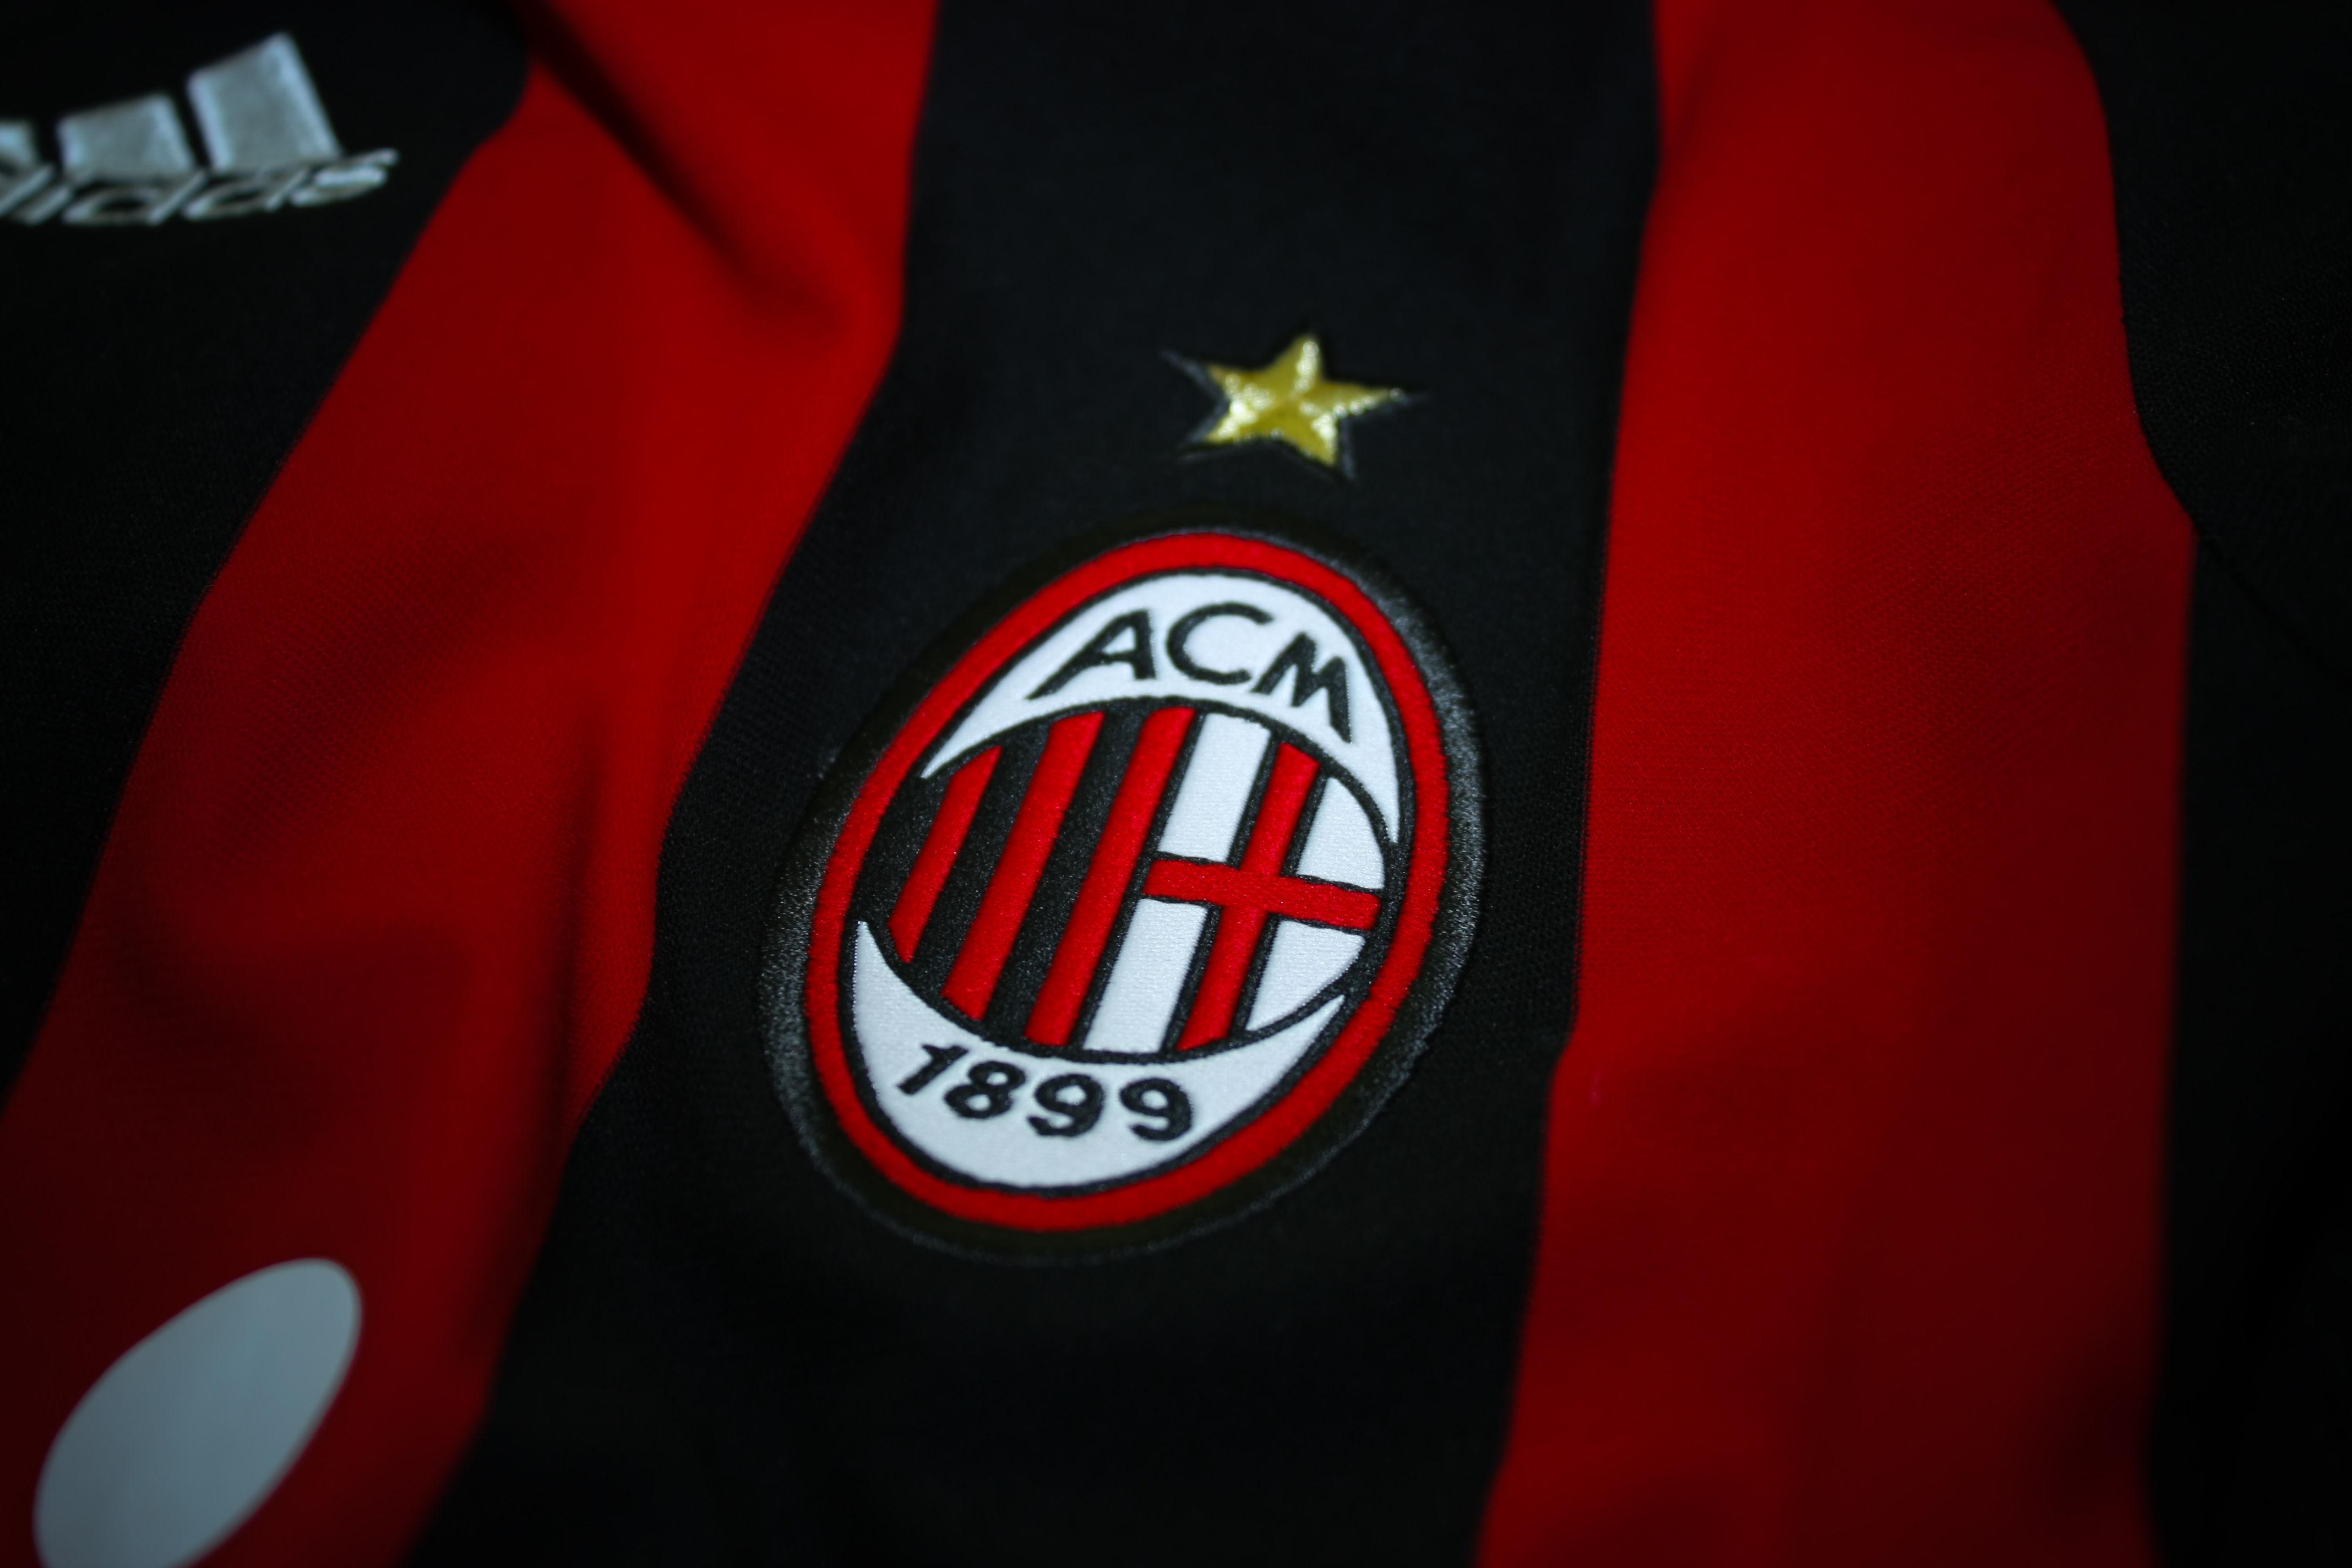 10238 - Leyendas del A.C. Milan